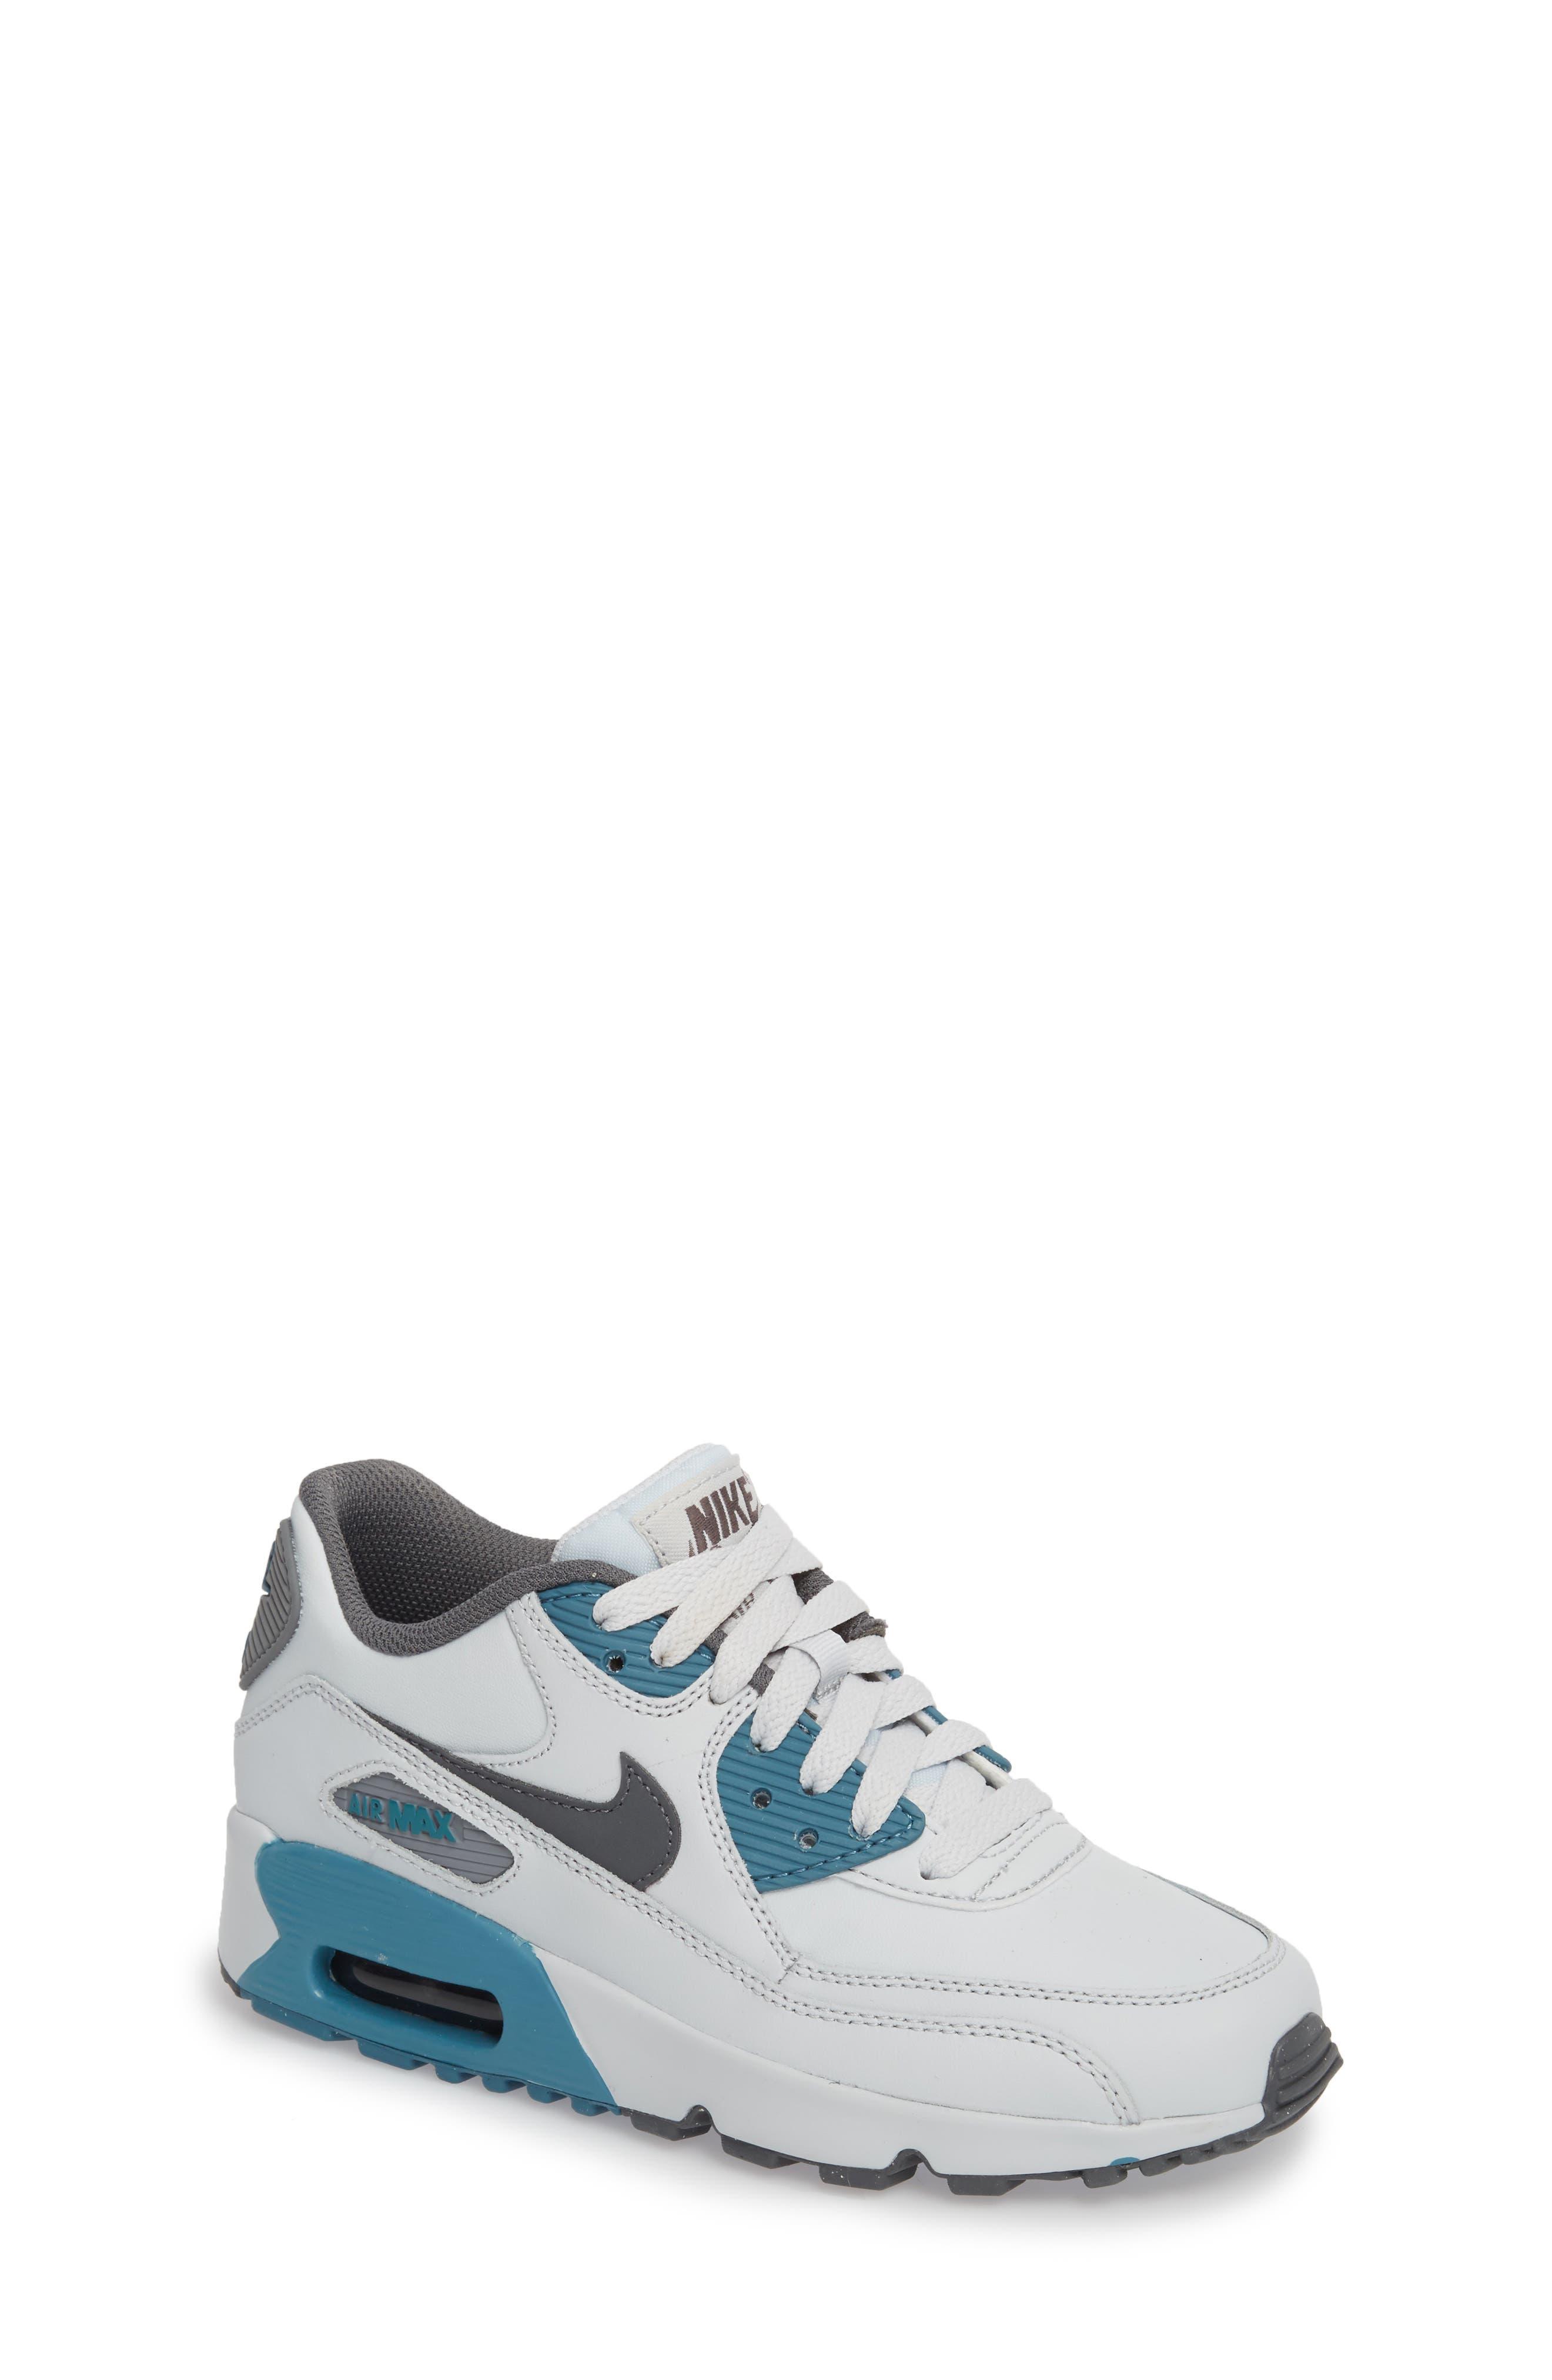 Air Max 90 Sneaker,                         Main,                         color, 040